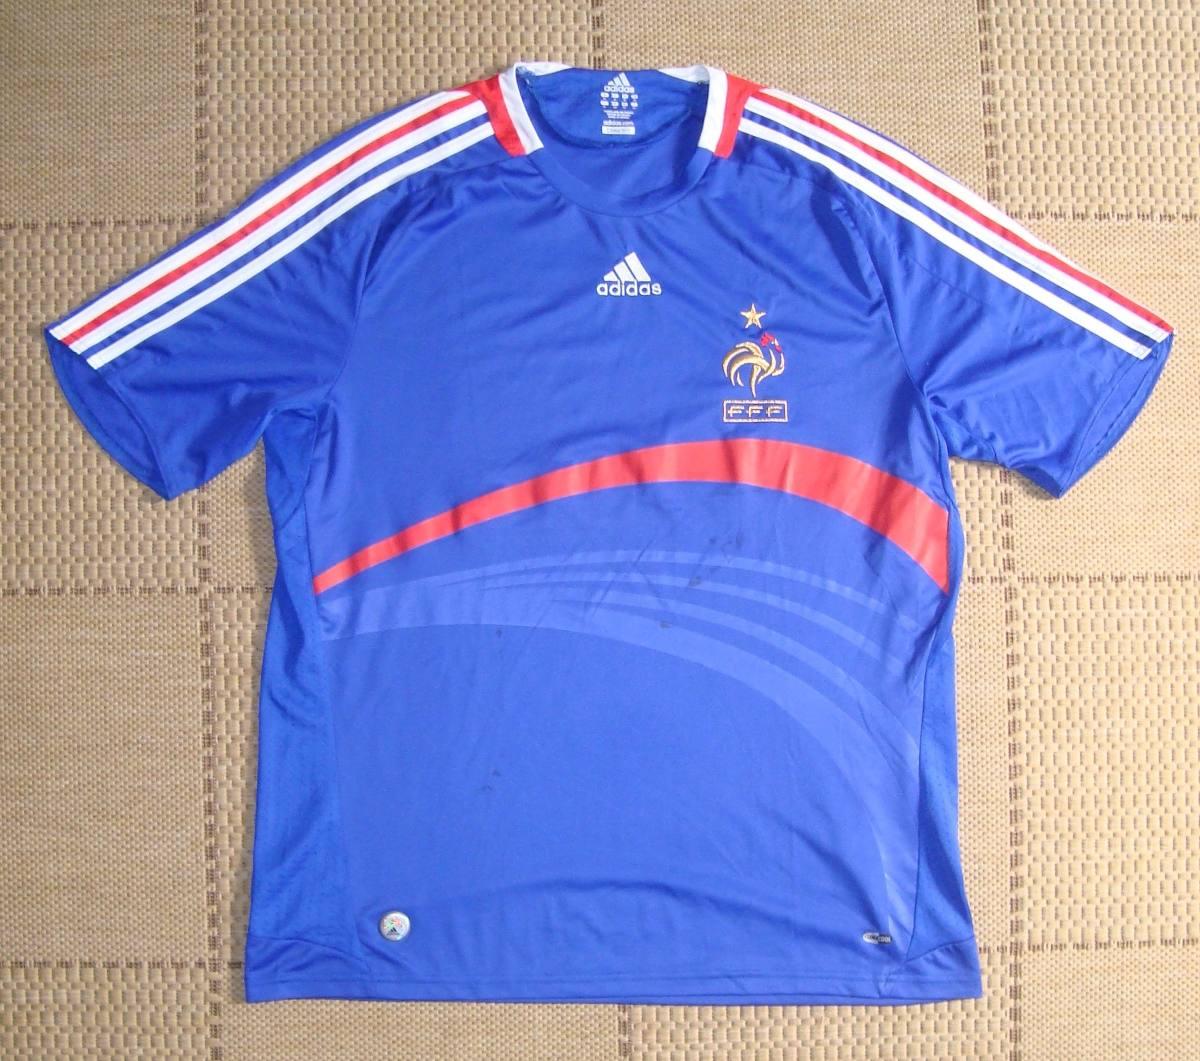 camisa original frança 2007 2008 home. Carregando zoom. 73dfffcf50569